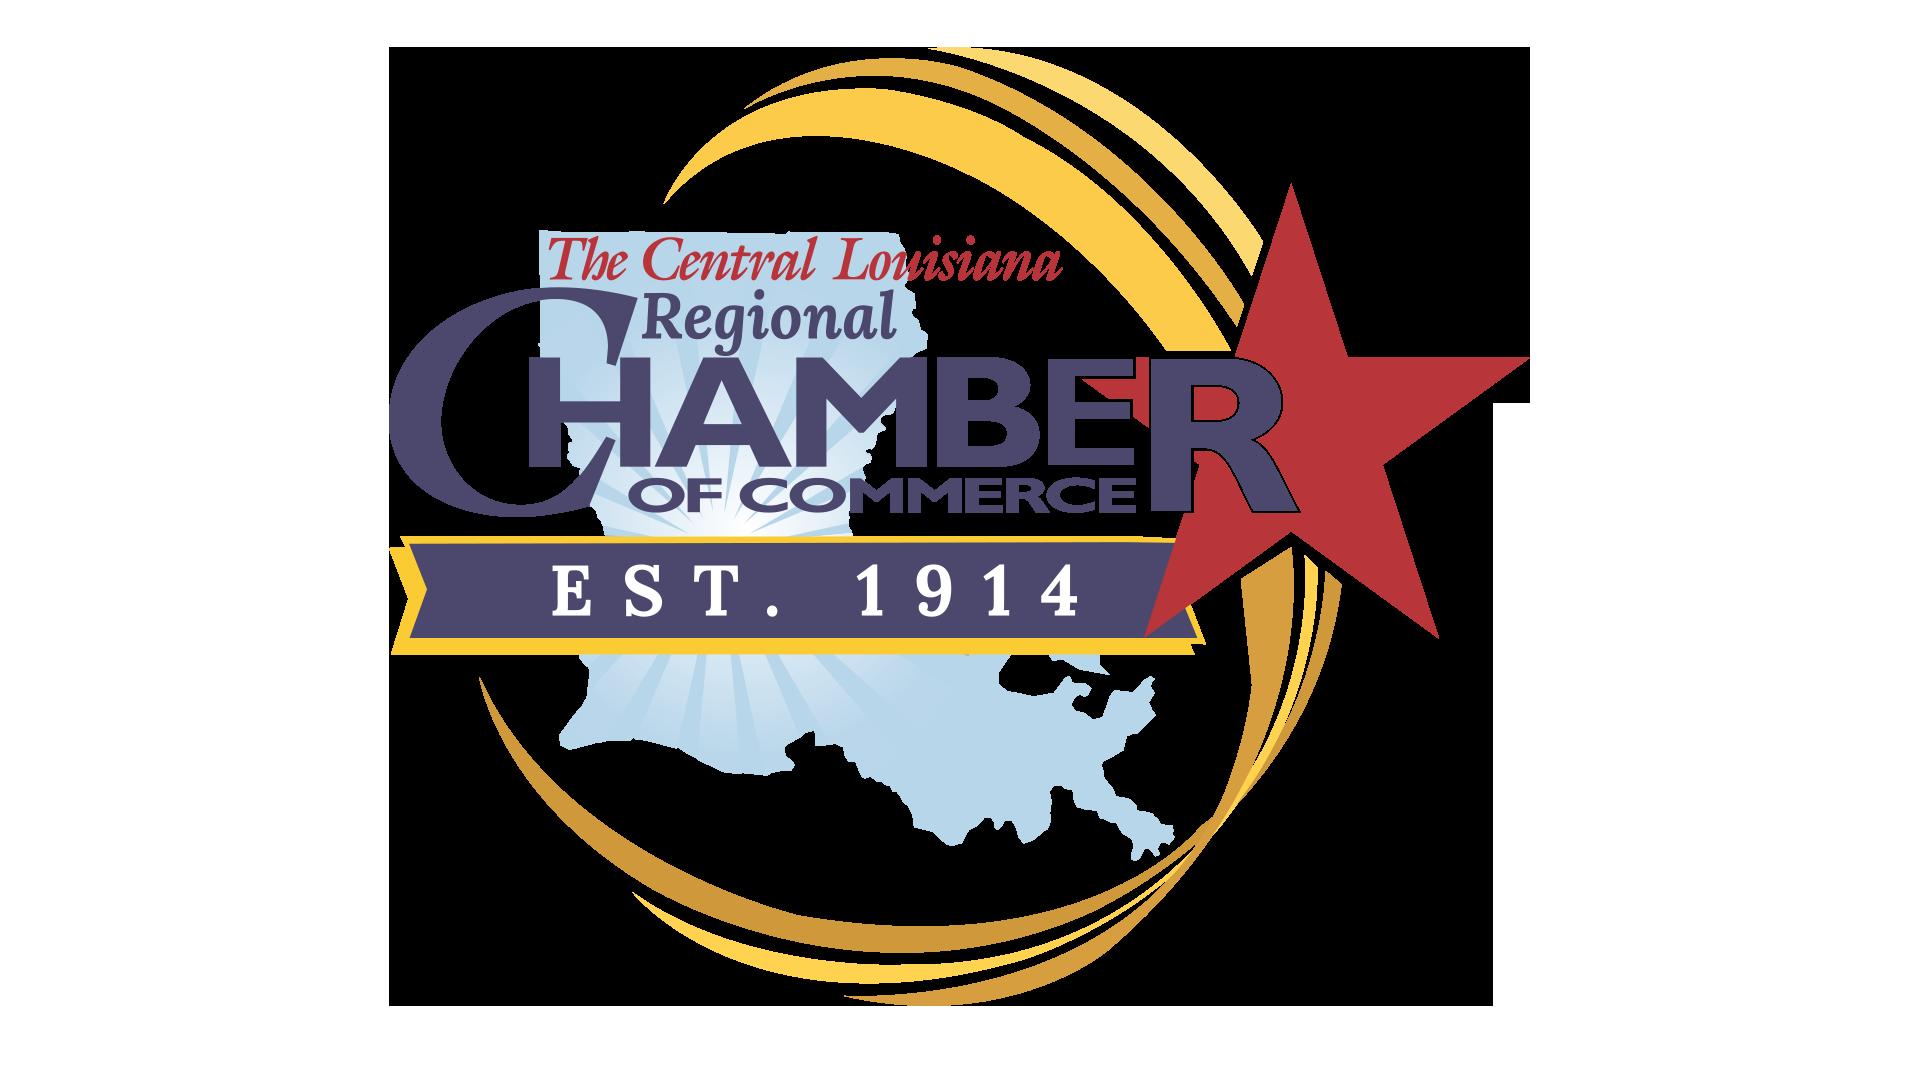 https://knightmasden.com/wp-content/uploads/2020/09/Chamber-logo.png